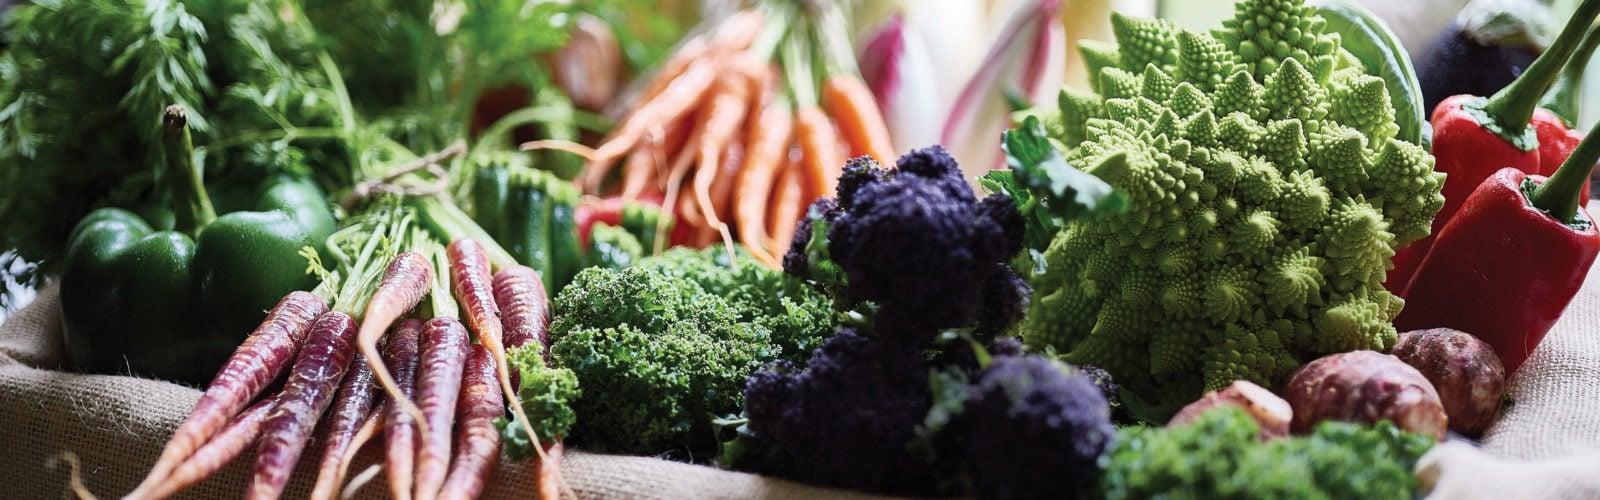 manoir-aux-quatre-saisons-veggies